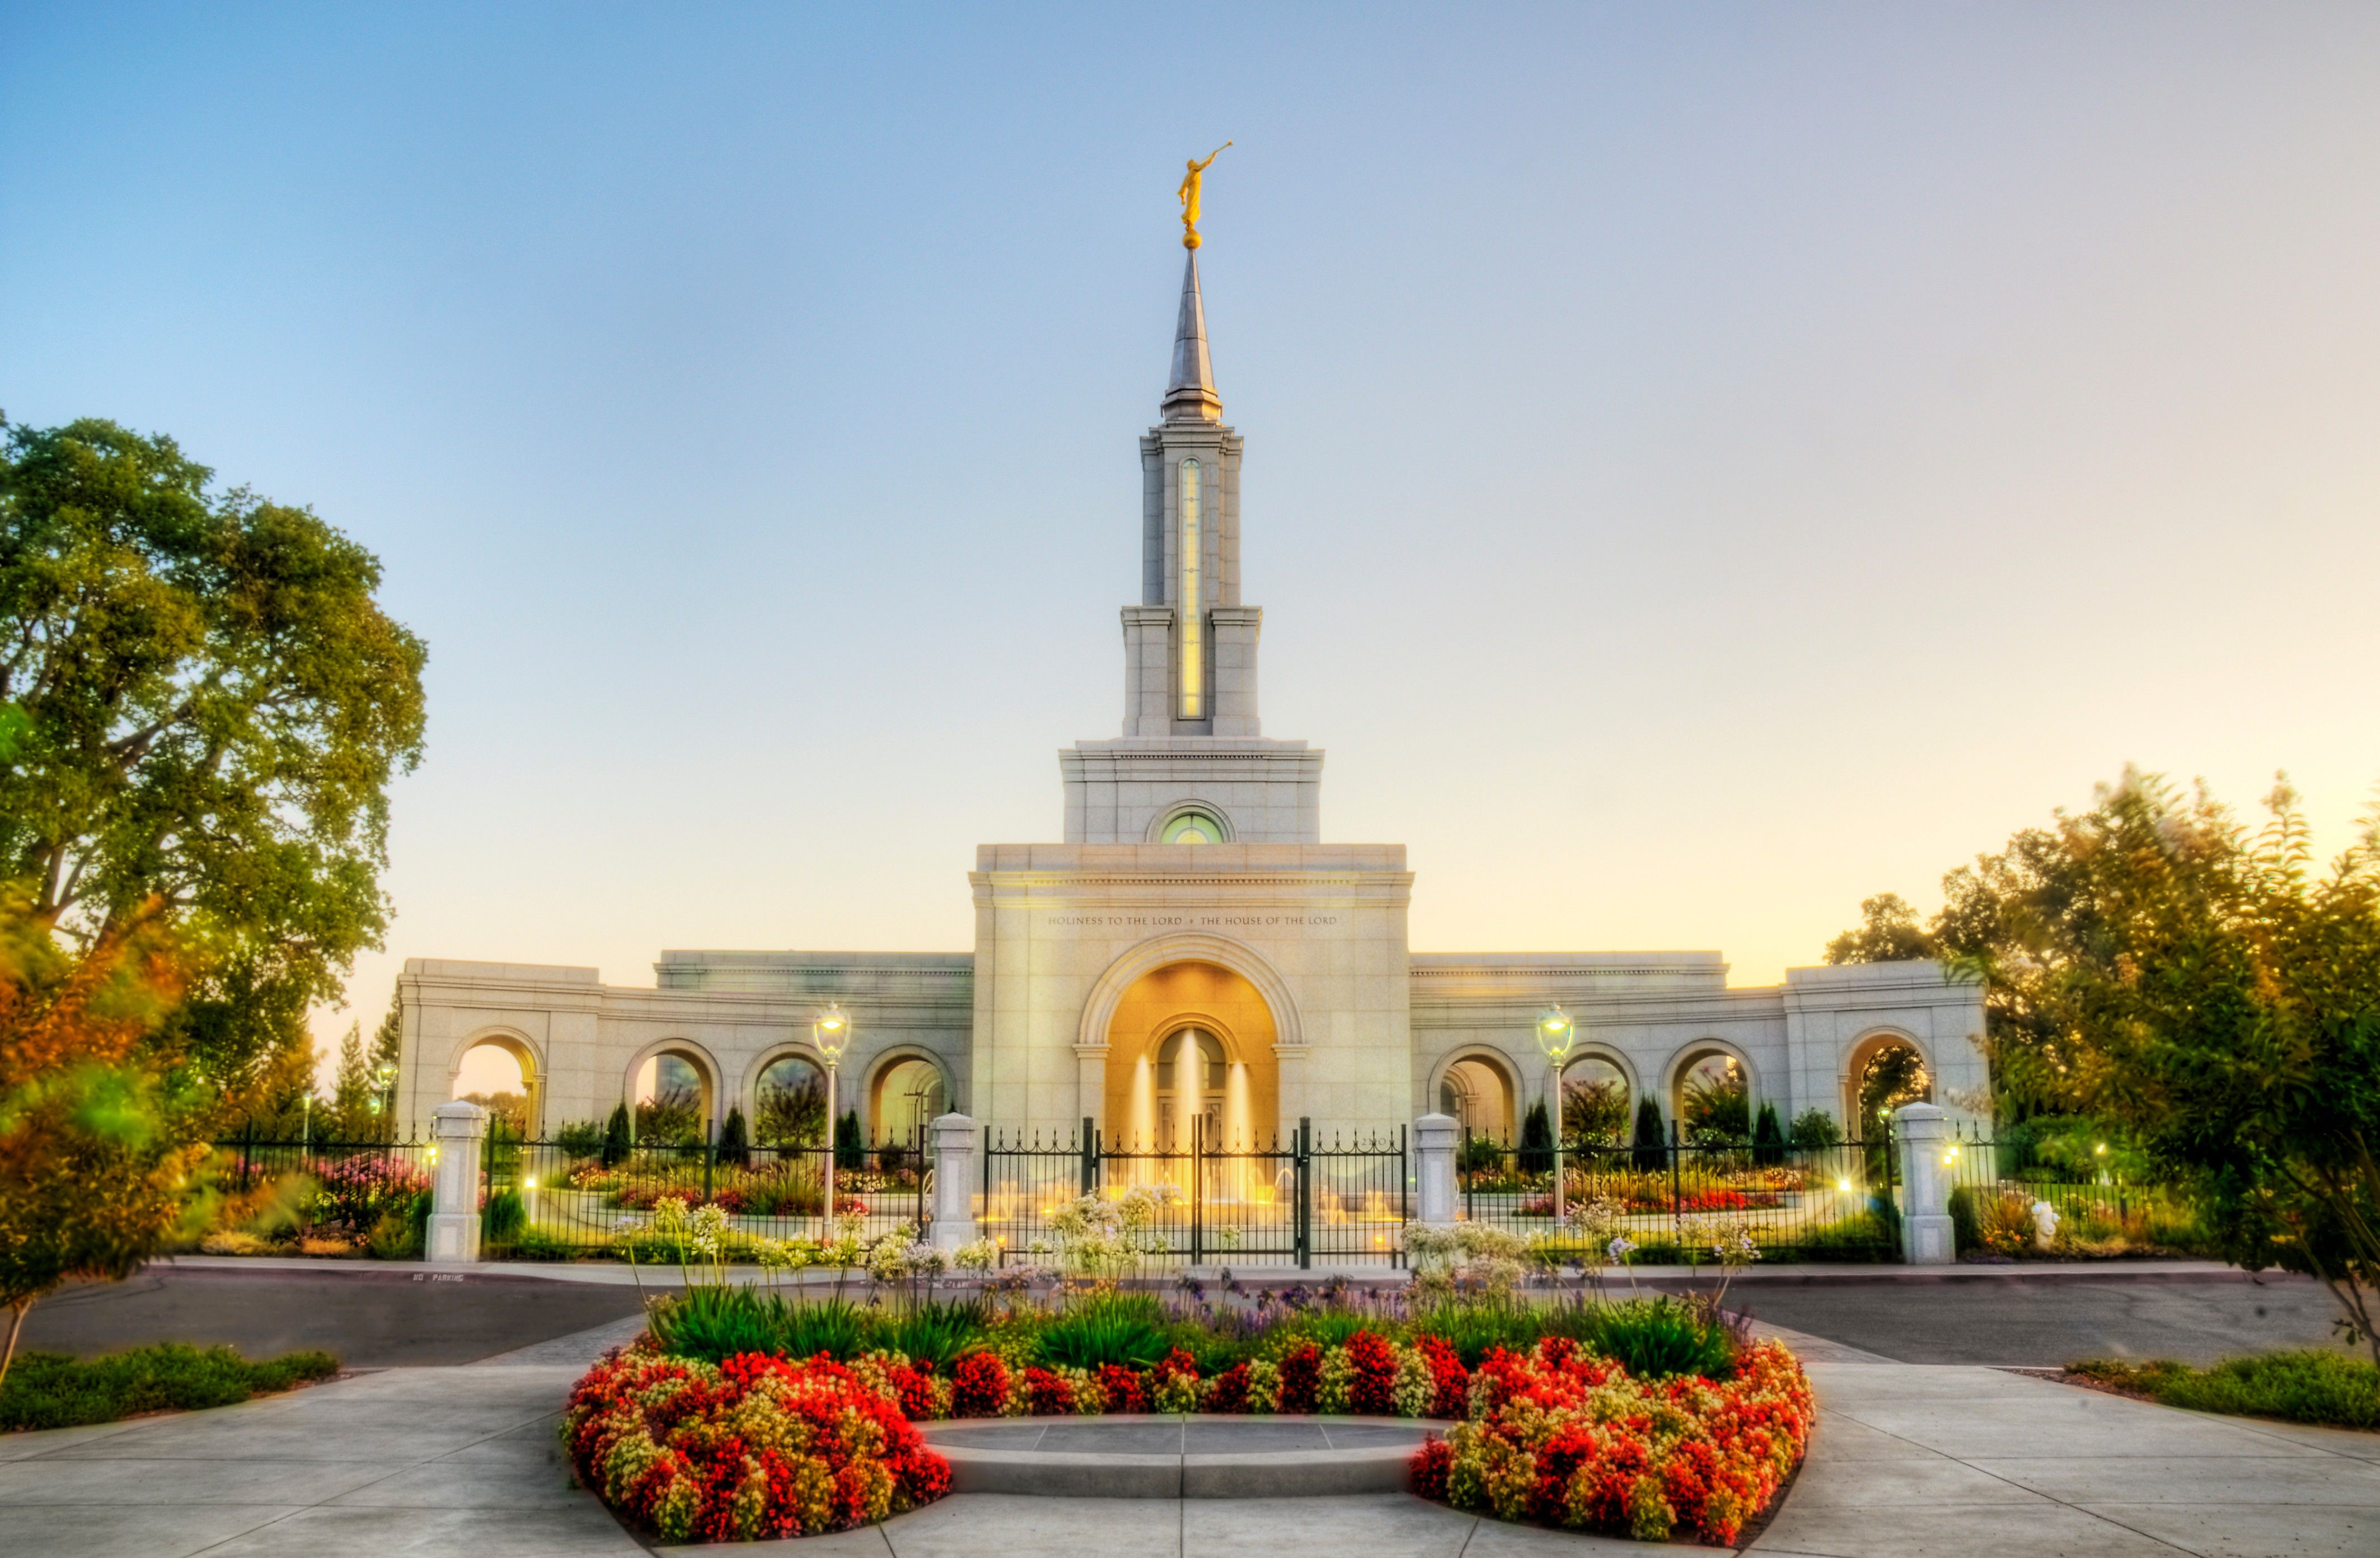 The Sacramento California Temple, with a water fountain near the entrance.